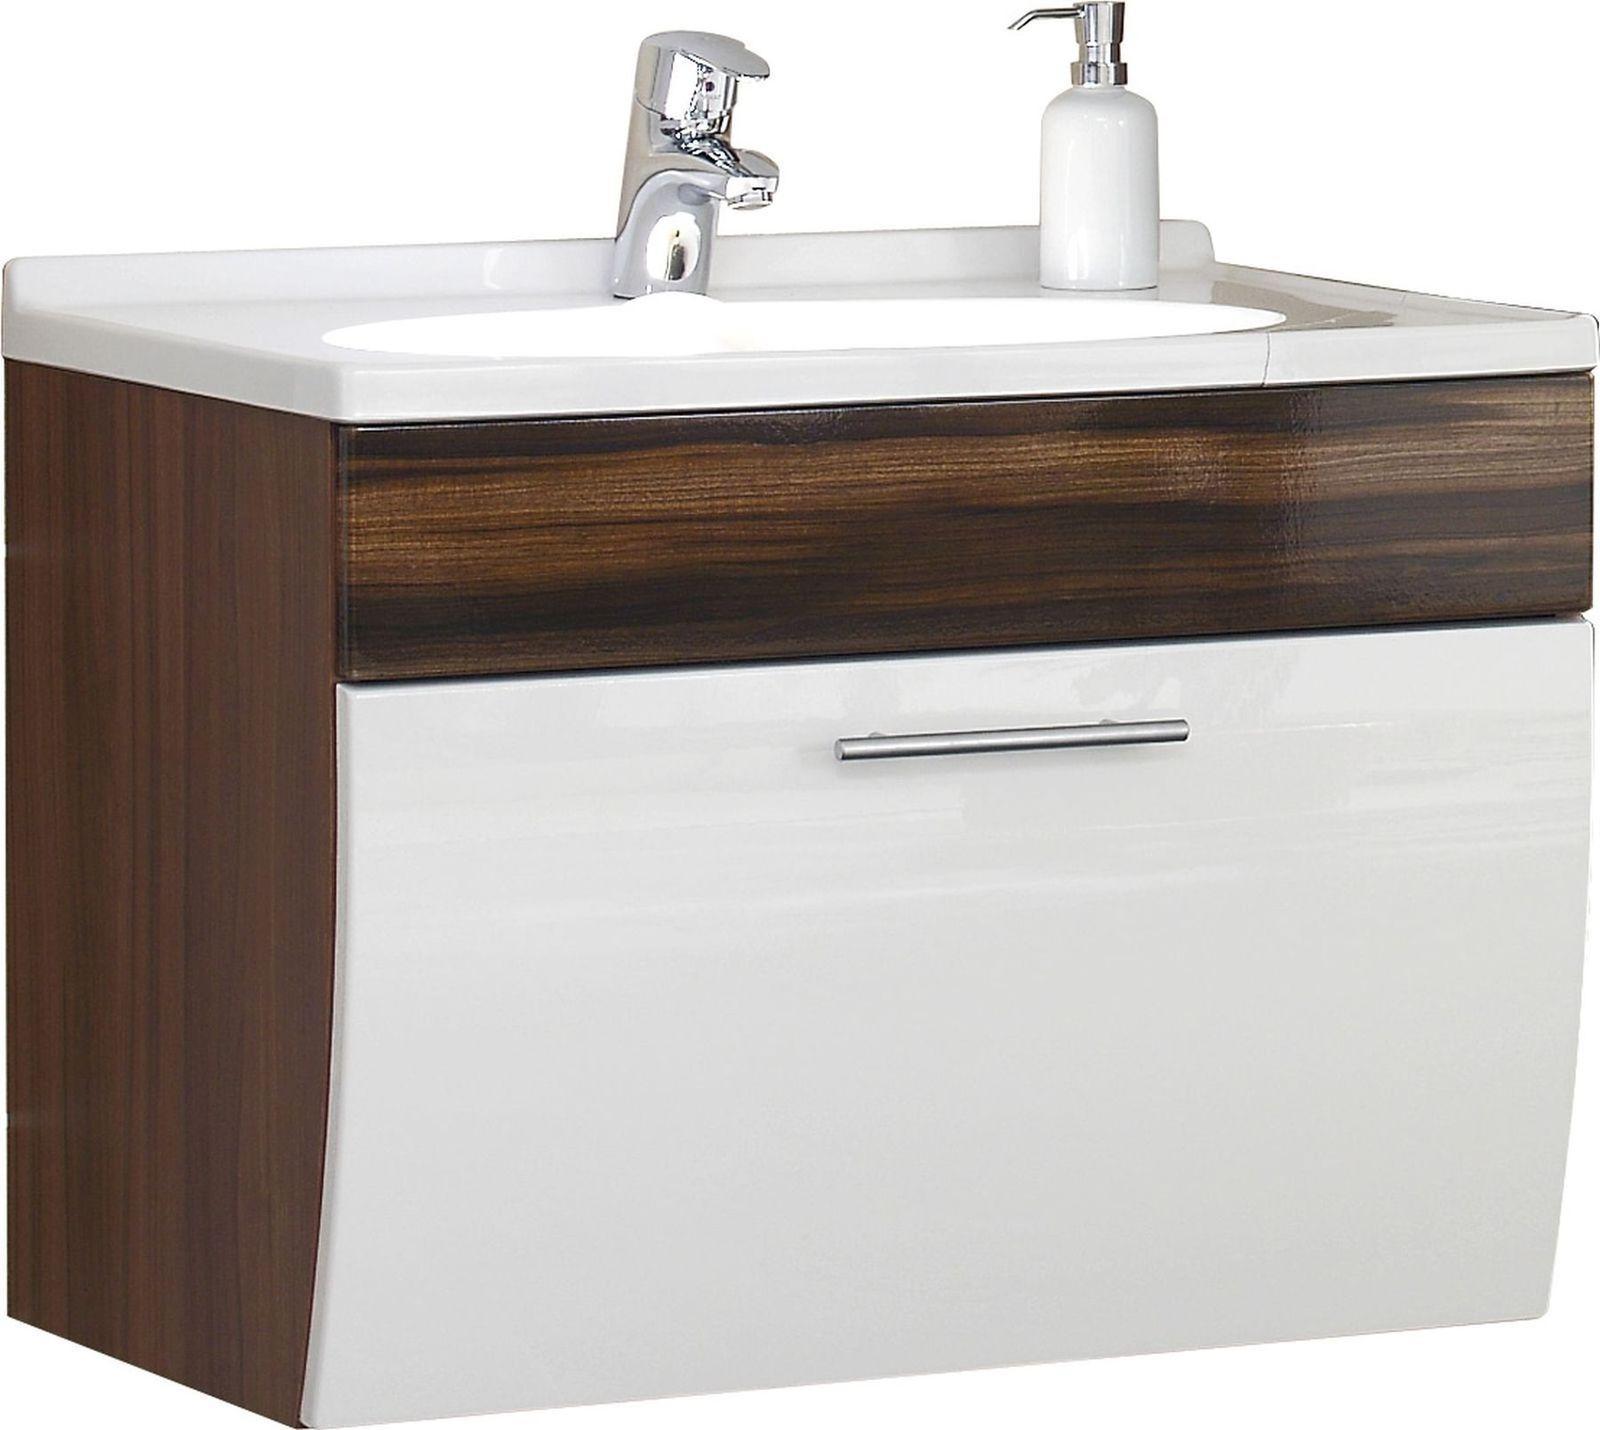 ... Waschplatz 70 Cm Mineralguss Becken Waschtisch Badmöbel Gäste Bad WC  *5600 5